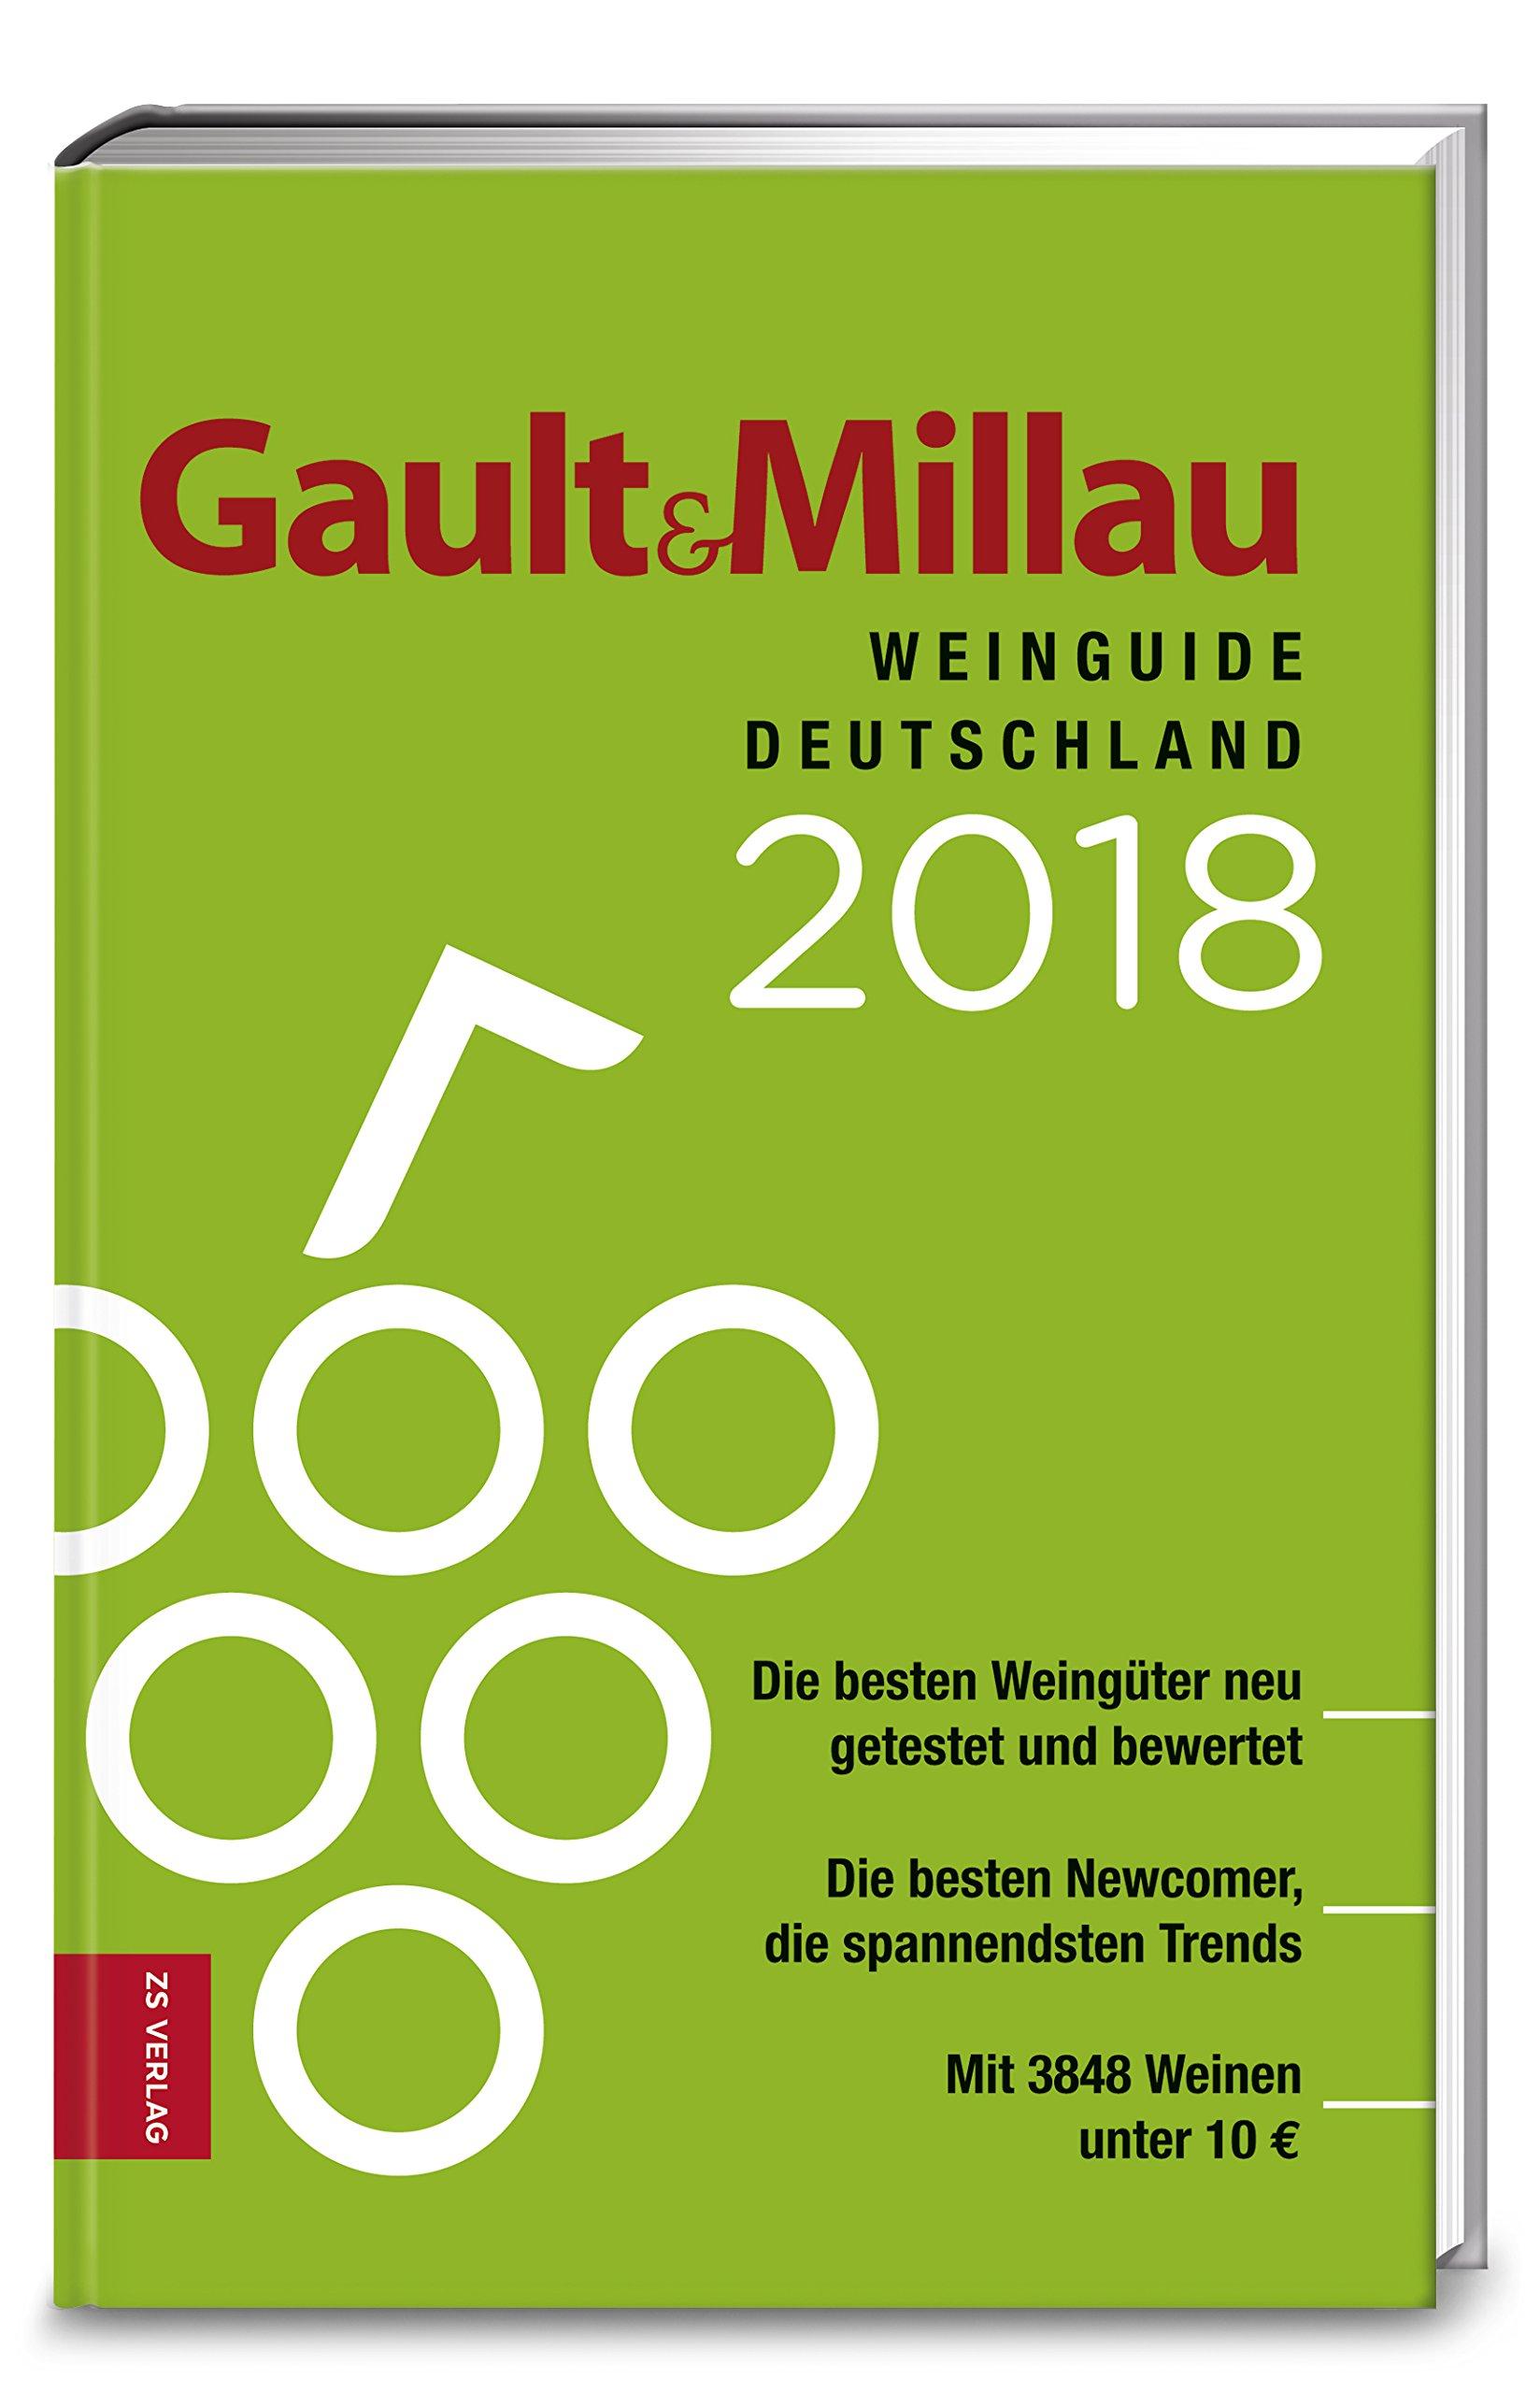 Gault&Millau WeinGuide Deutschland 2018